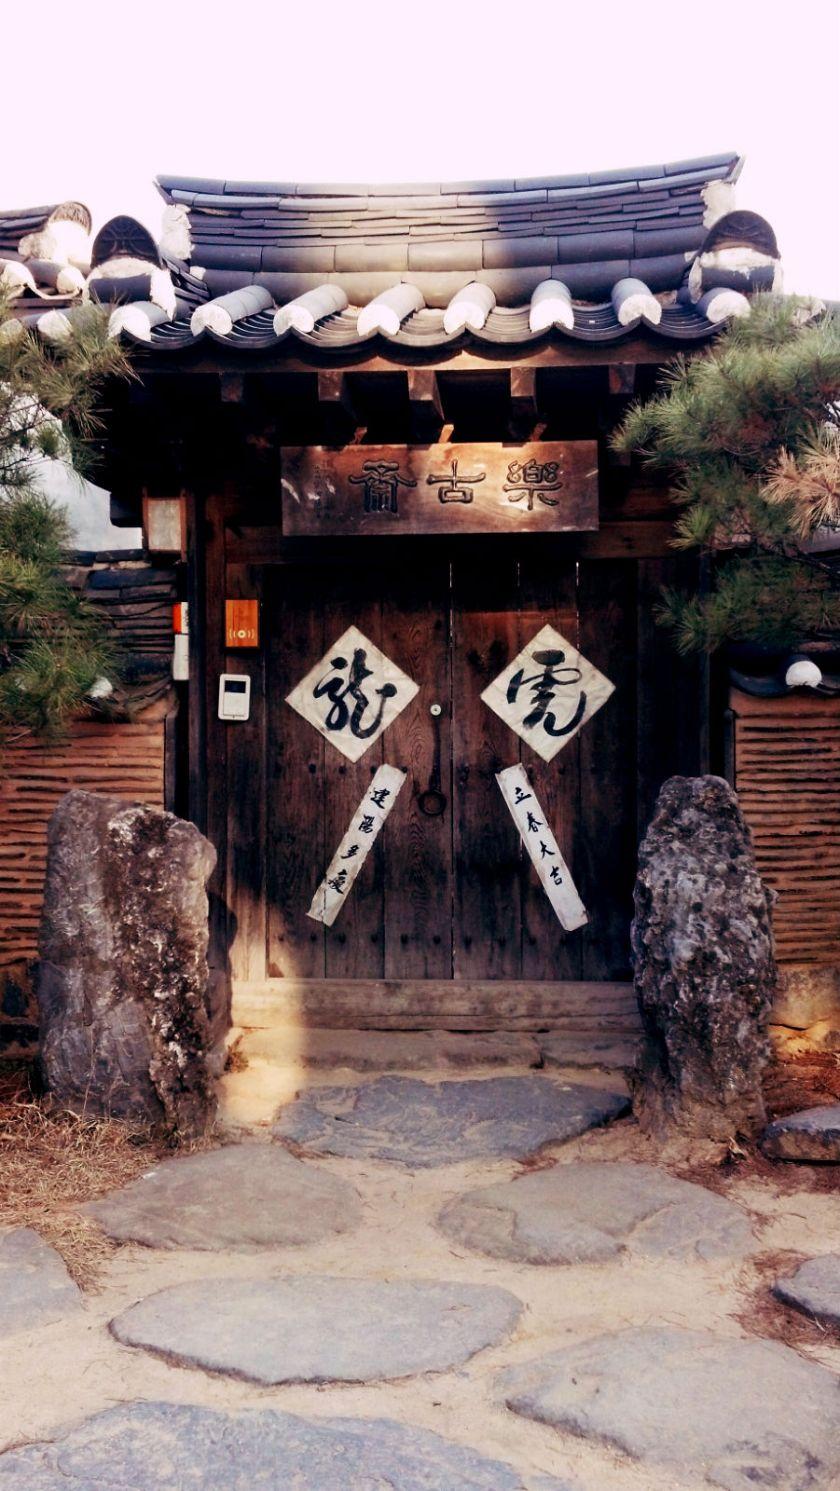 bukchon-hanok-village-_12235129675_o